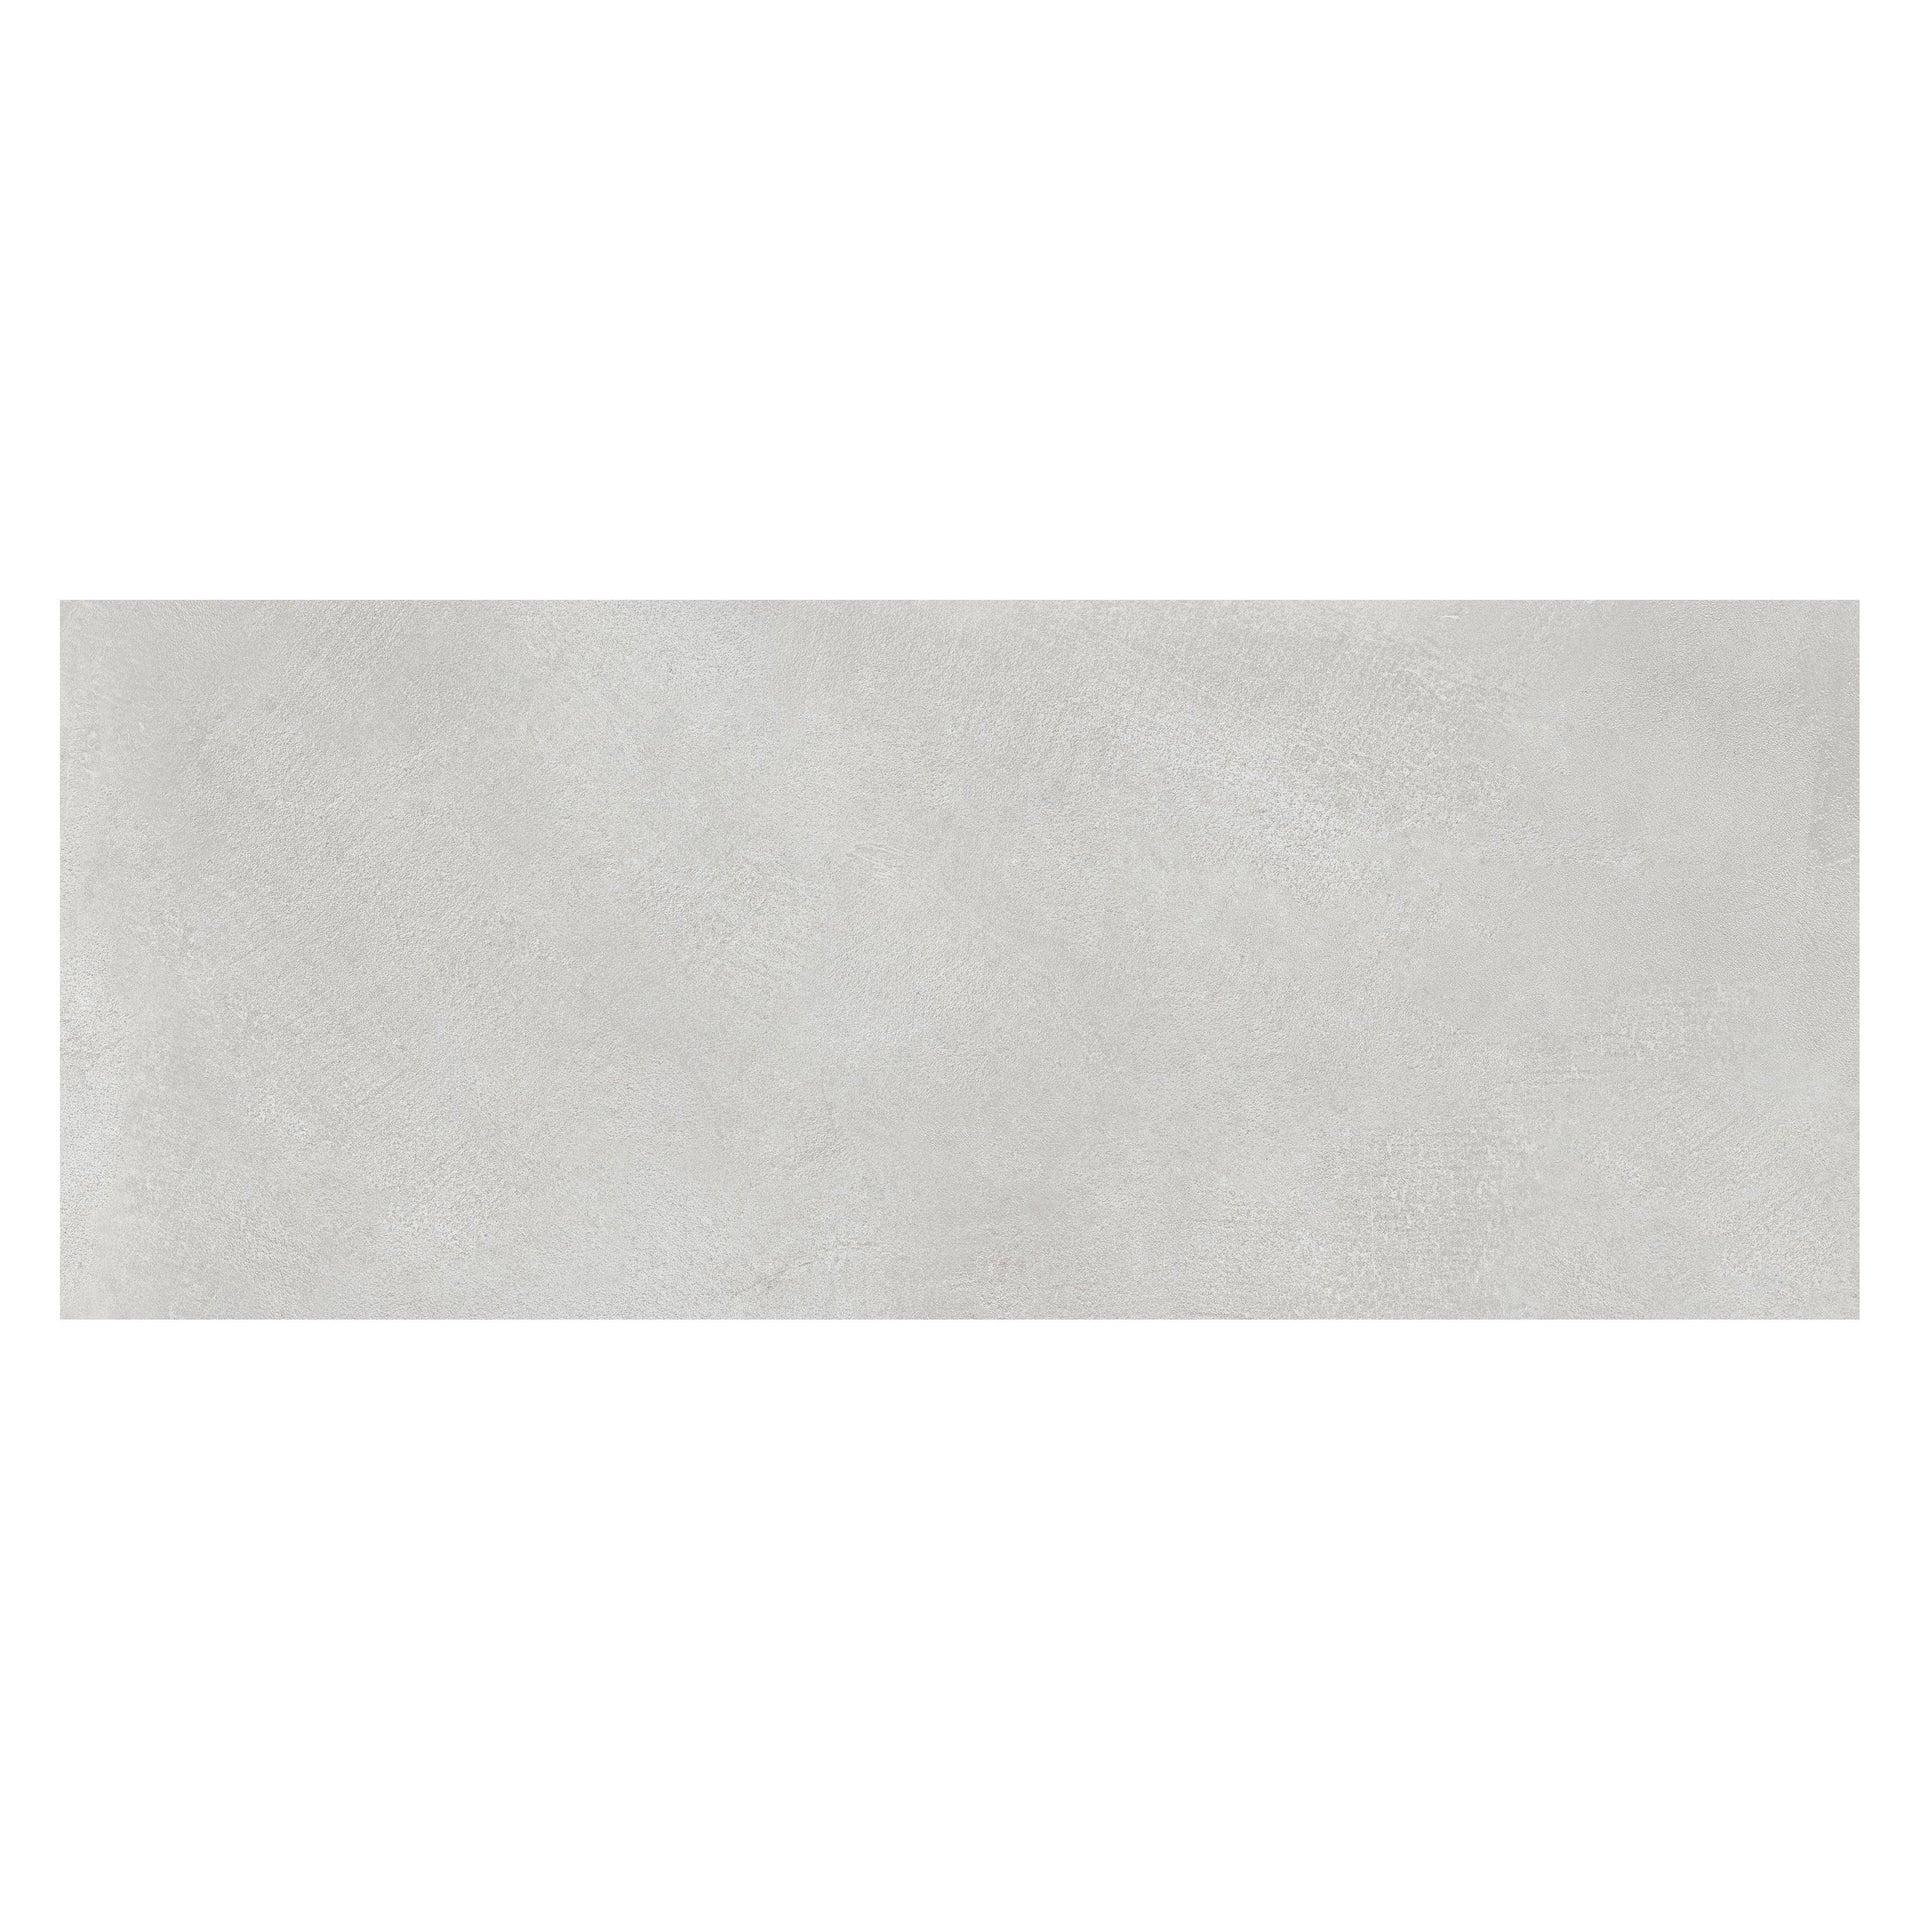 Piastrella per rivestimenti Victoria 25 x 60 cm sp. 8 mm grigio - 3